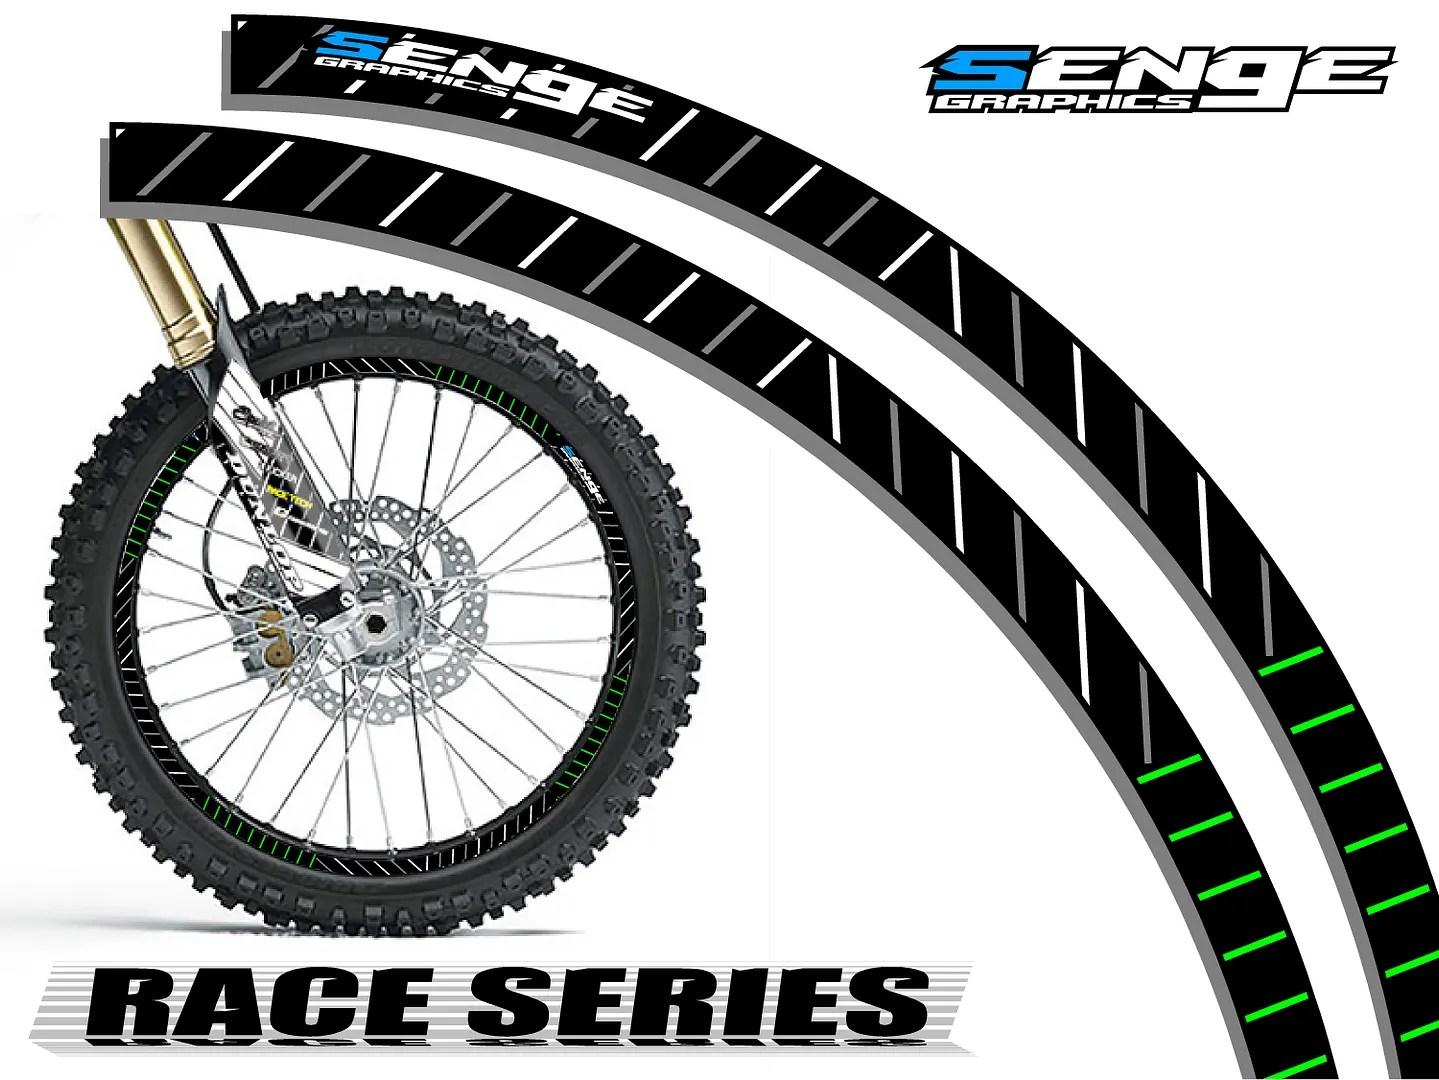 18 Amp 21 Inch Dirt Bike Rim Protectors Wheel Decals Tape